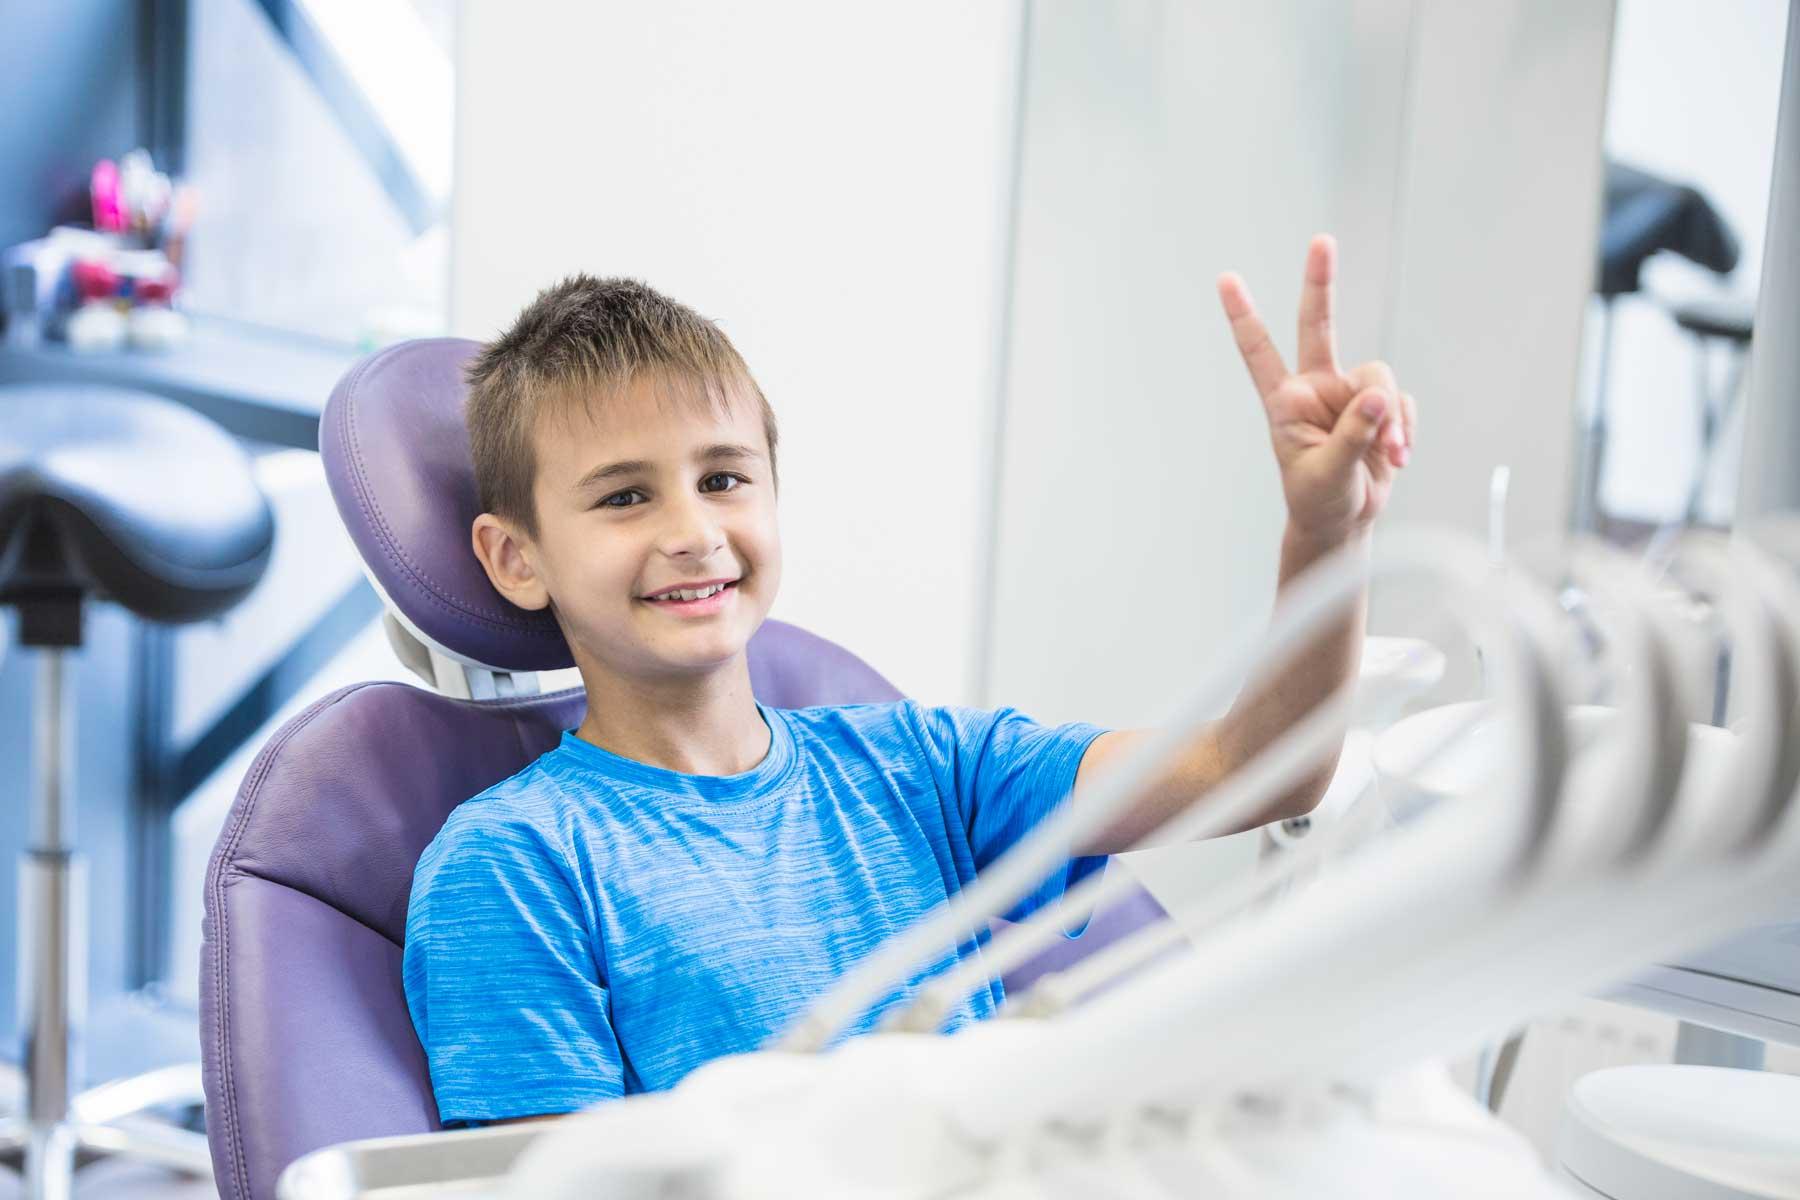 Cosa fare se il tuo bambino si rompe un dente? Scoprilo subito - CENTRO ORTODONZIA BAVARESCO PADOVA